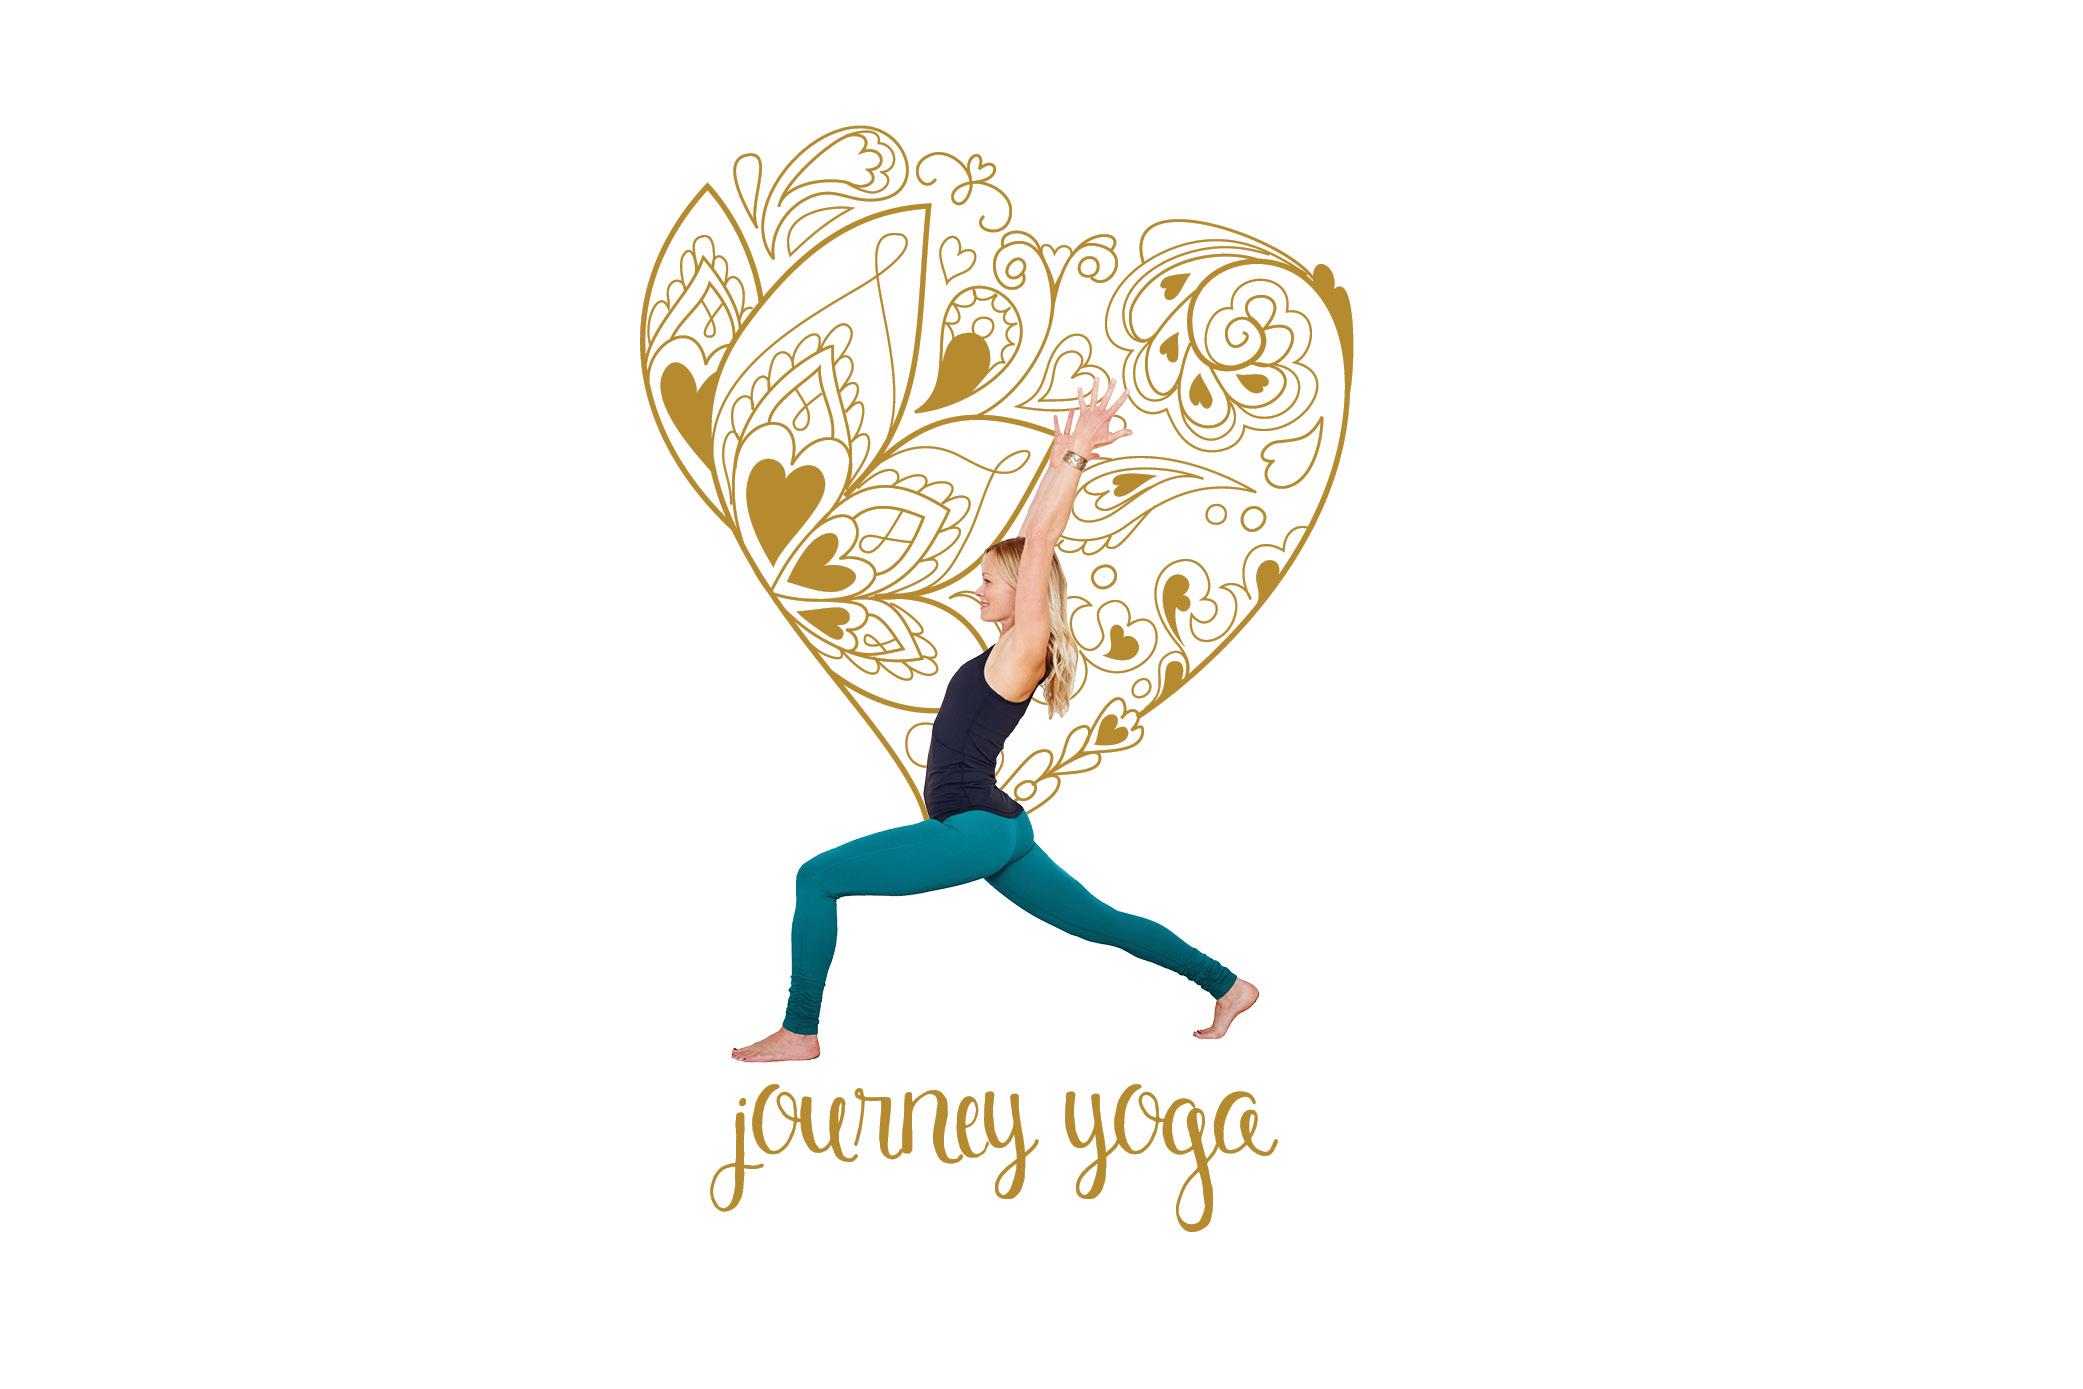 V2_White and Gold - Journey Yoga Poster.jpg